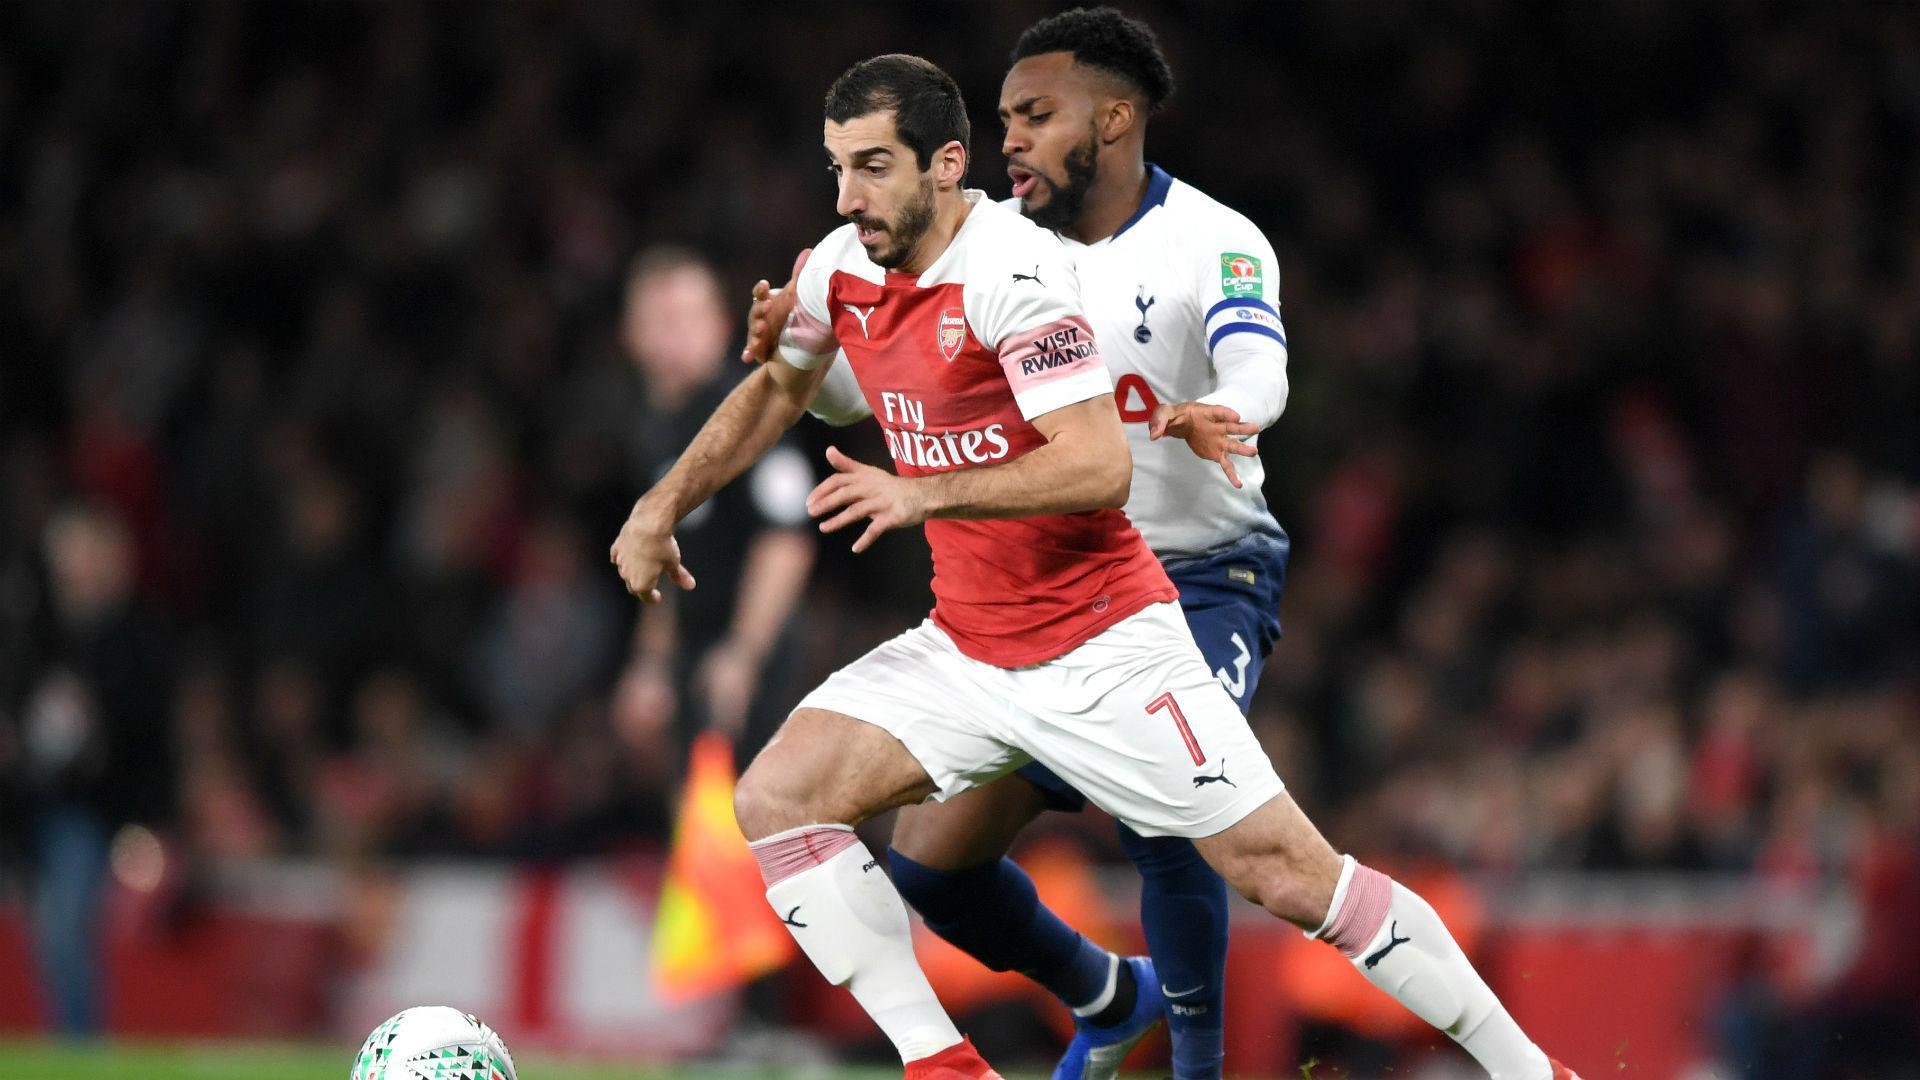 Mkhitaryan returning to Arsenal training next week